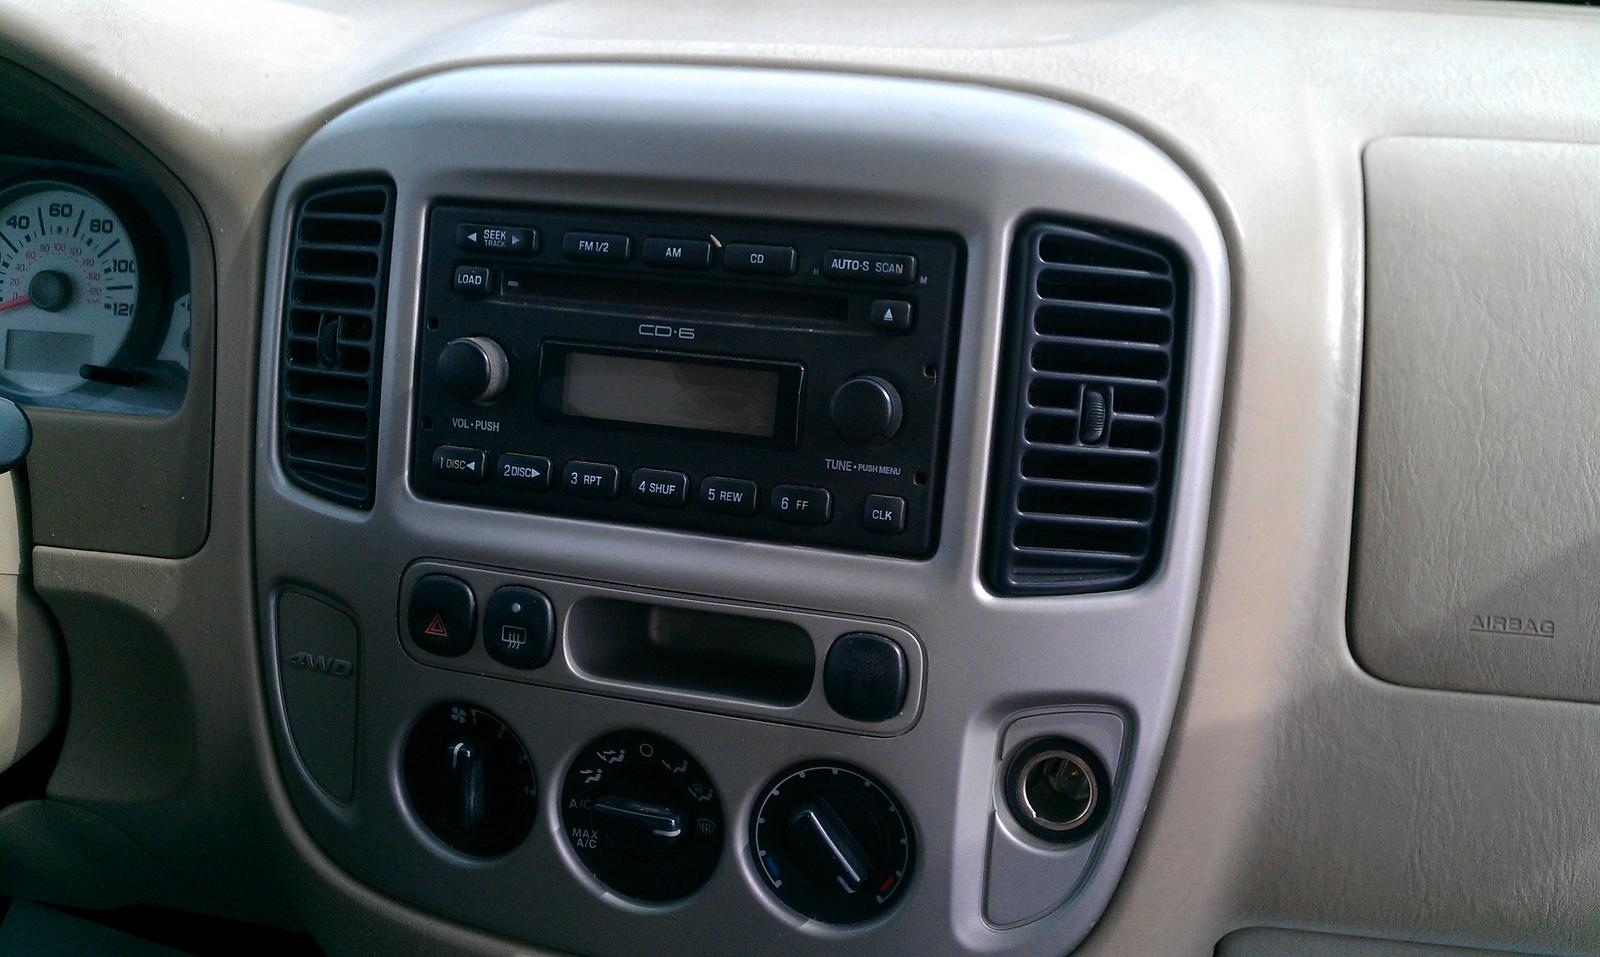 2006 ford escape interior pictures cargurus